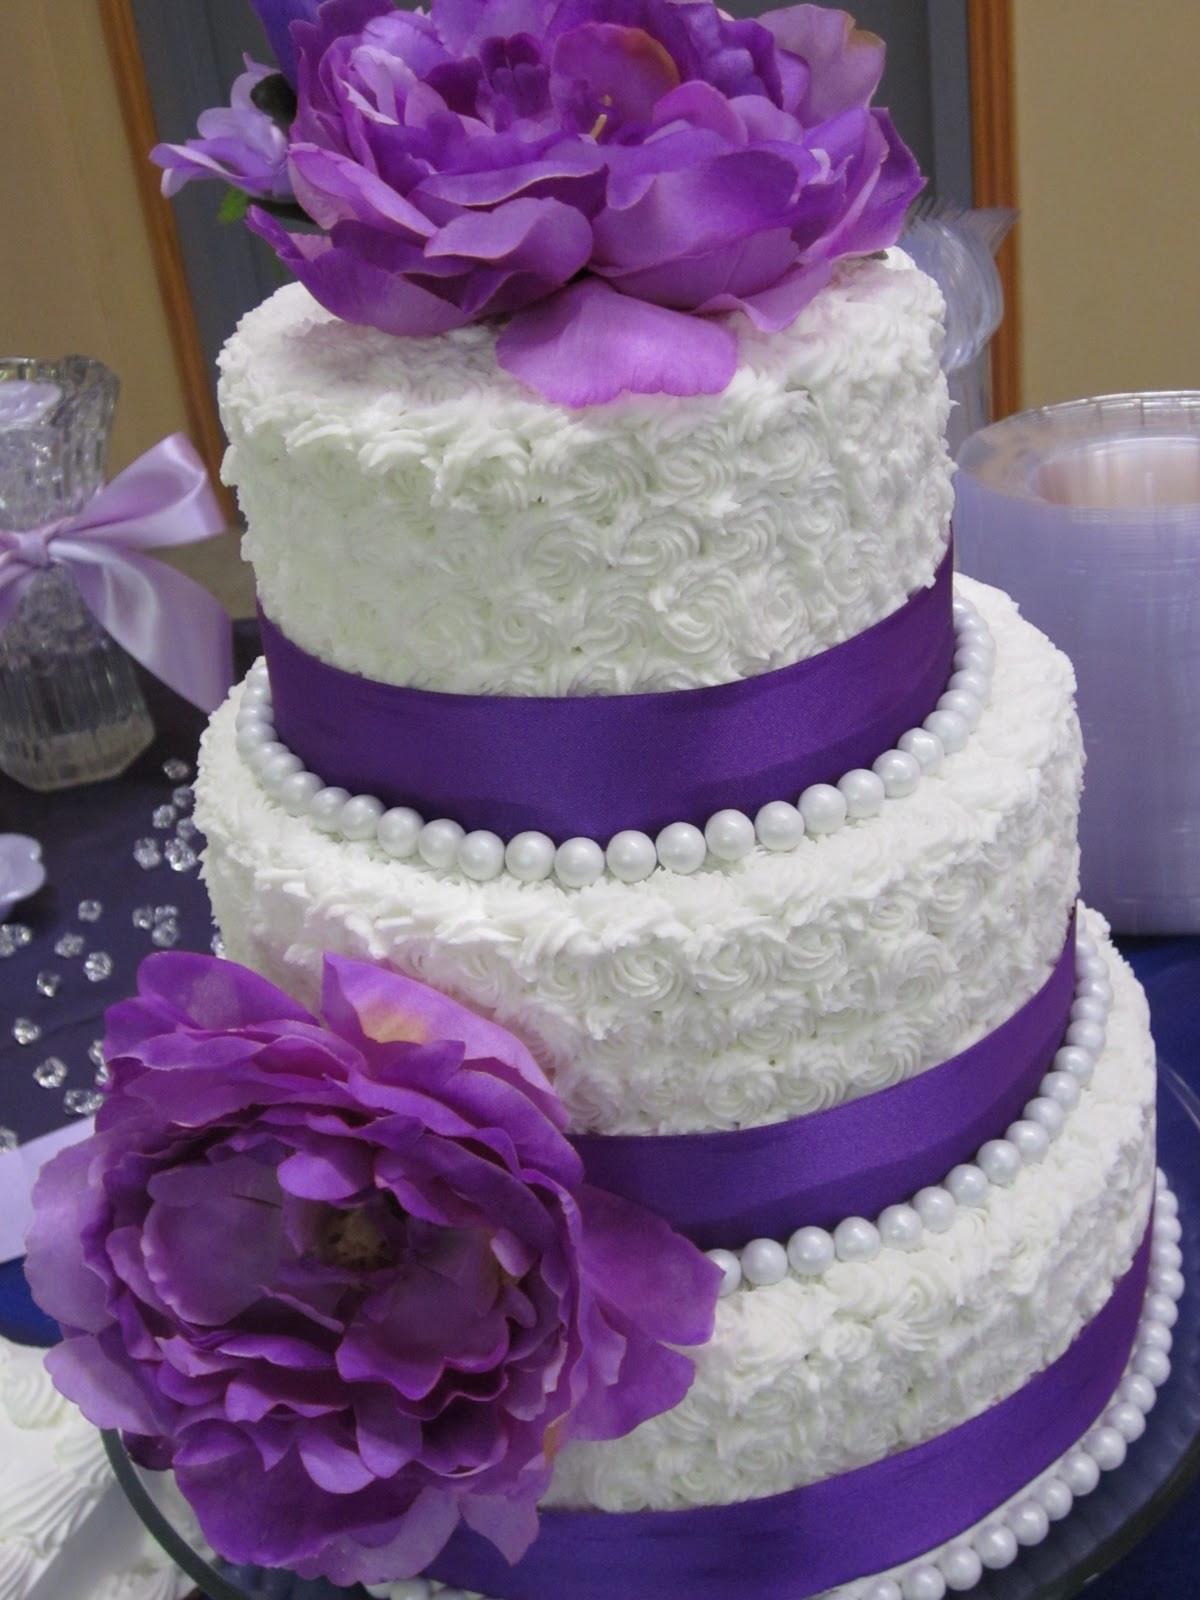 Gluten Free Wedding Cakes  Cupcakemobster Gluten Free Wedding Cake